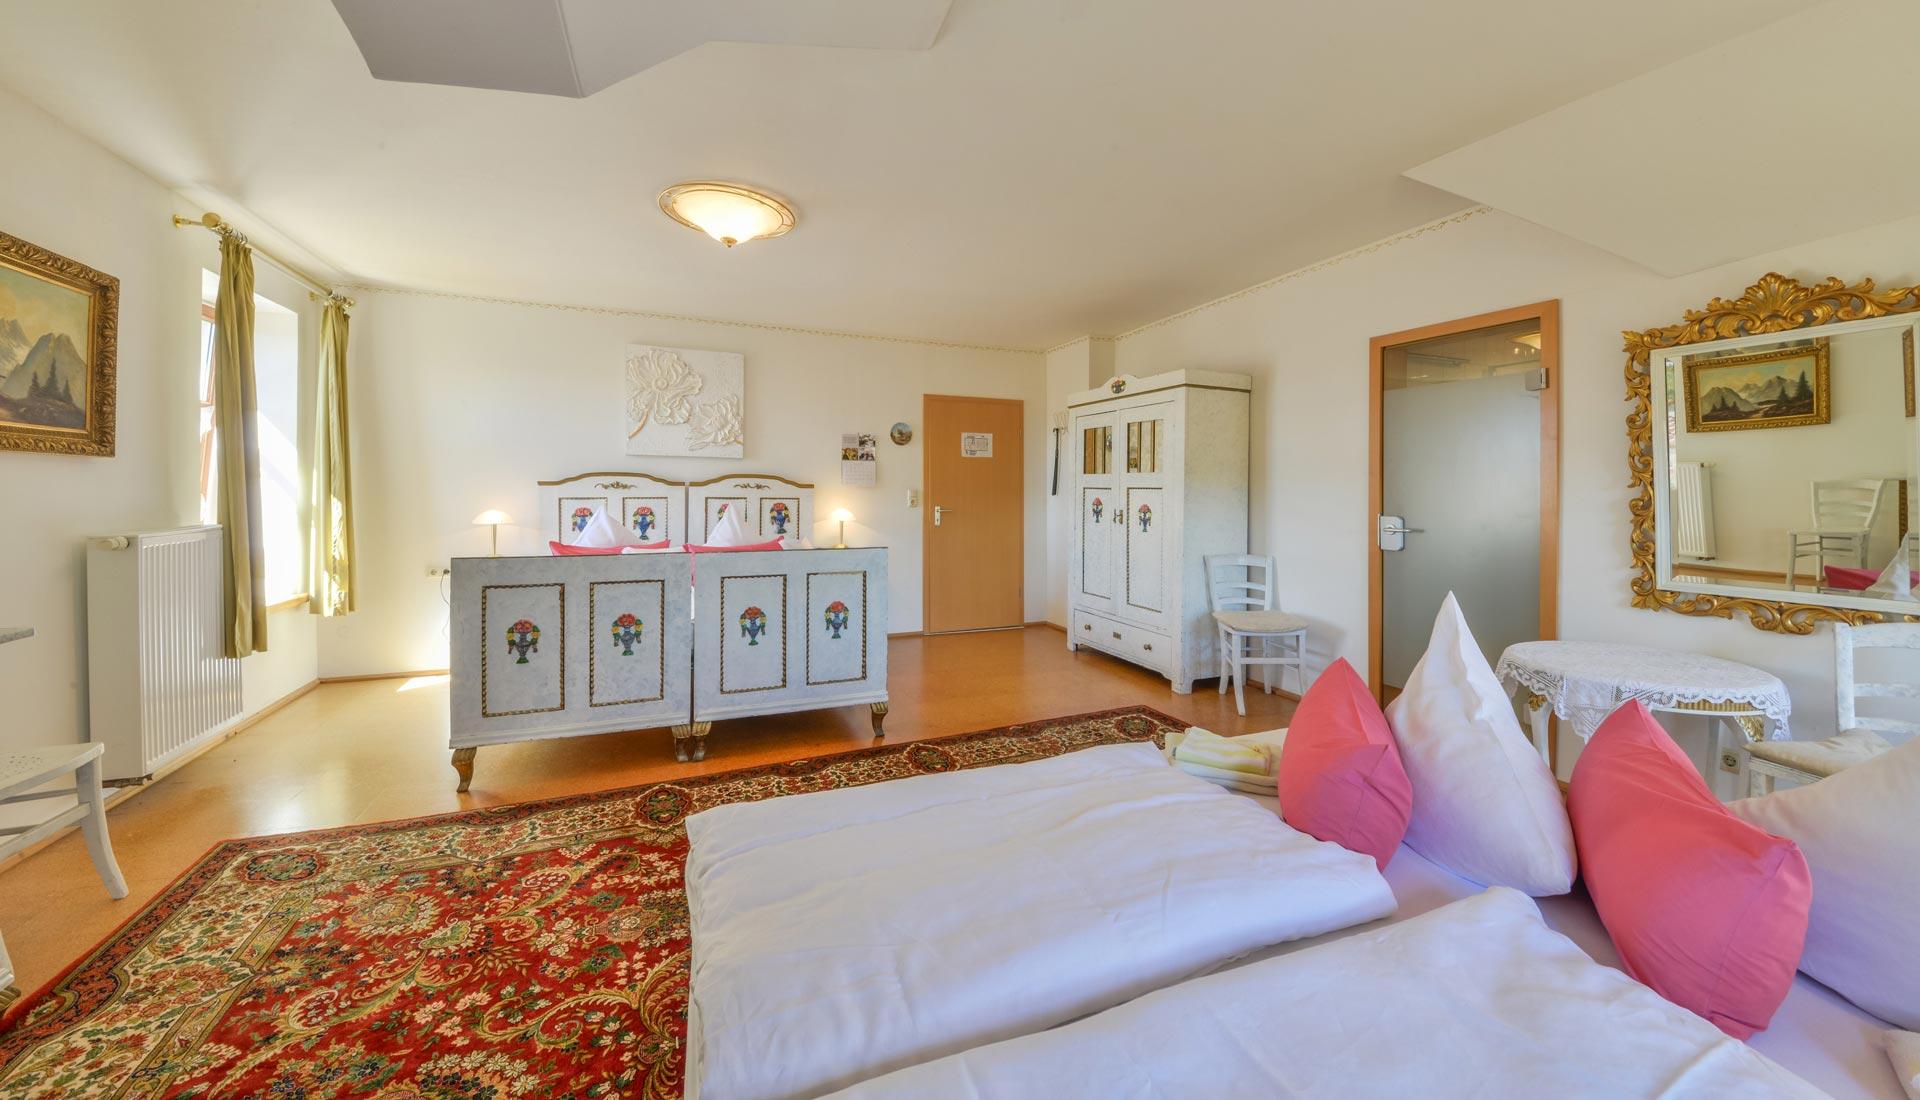 Zimmer für Familien in Bayerbach